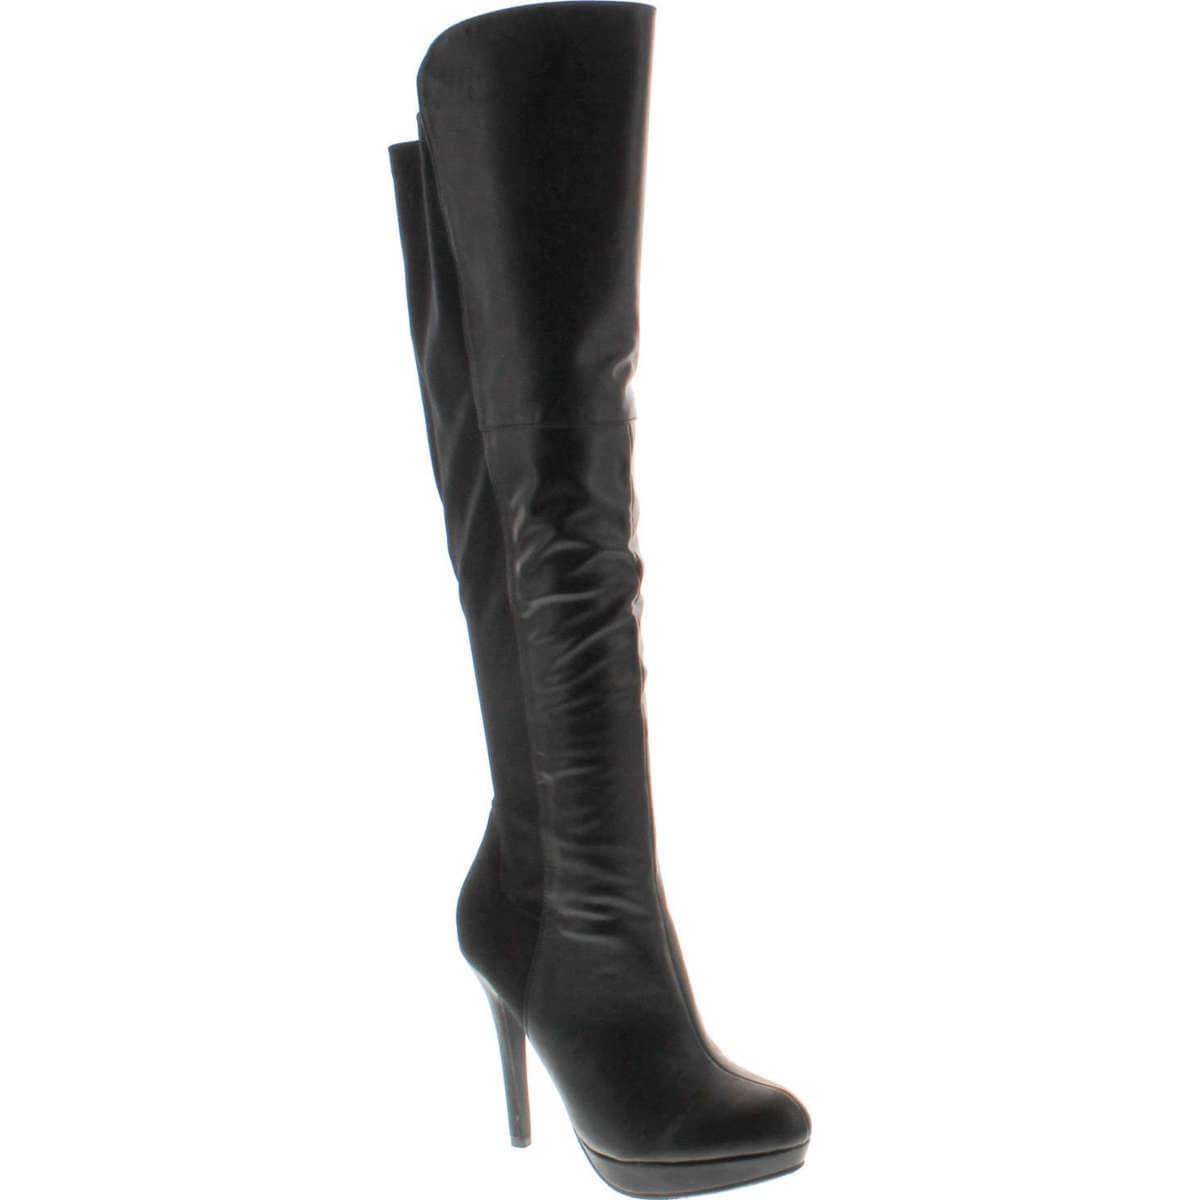 The Knee High Heel Boots - Black